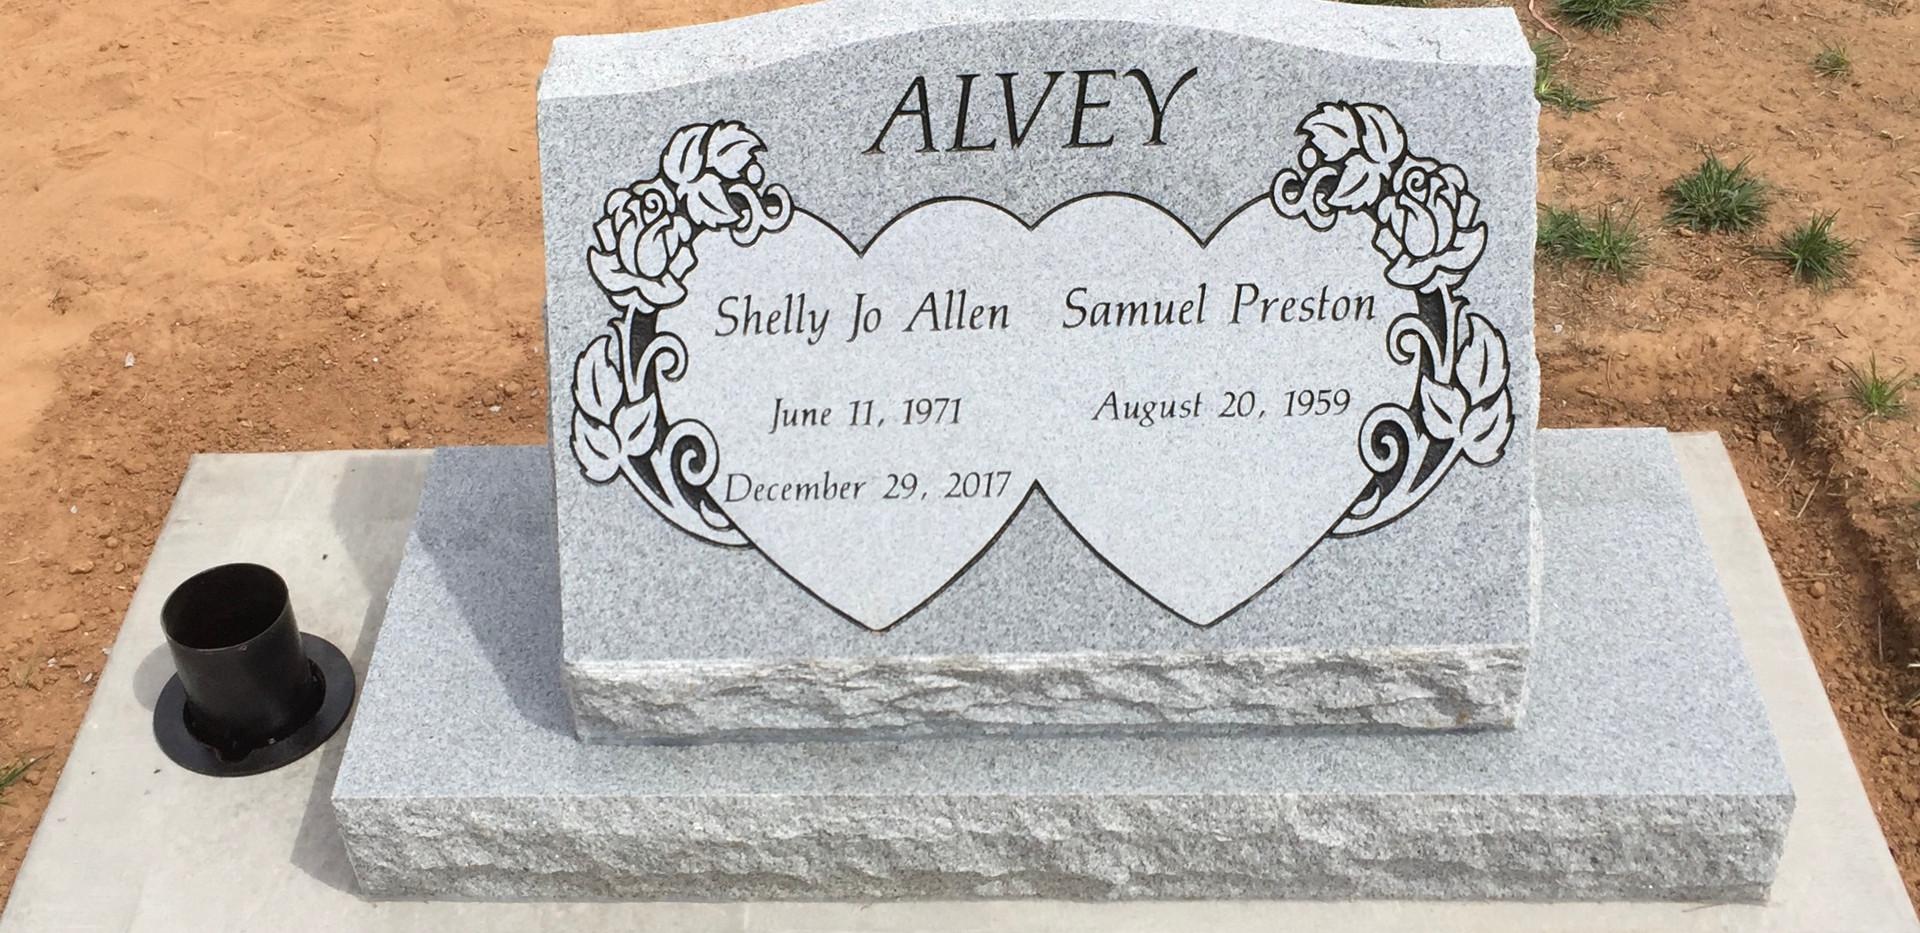 Alvey Slant Headstone